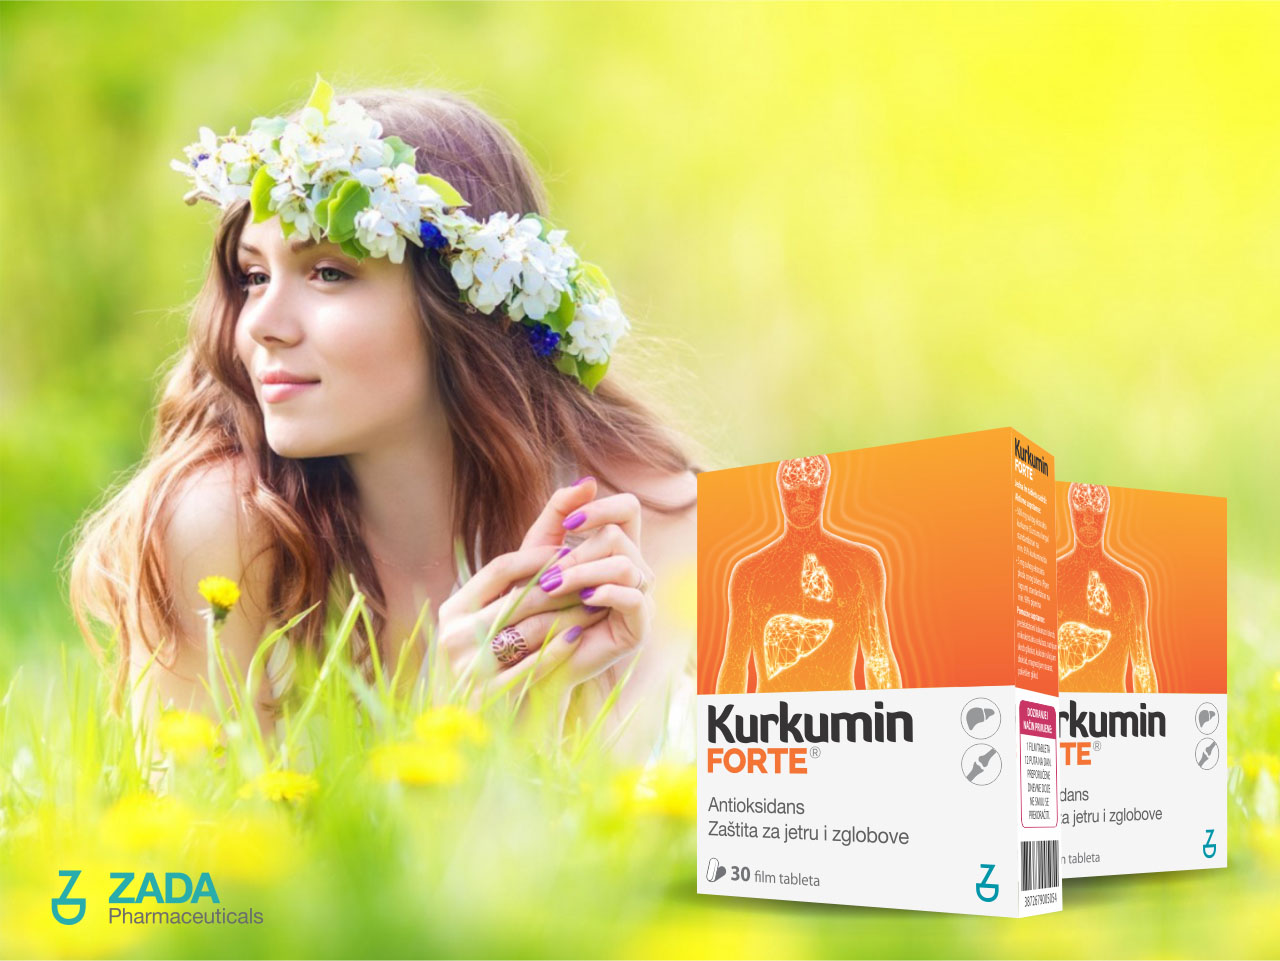 Benefiti primjene kurkumina u alergijskom rinitisu